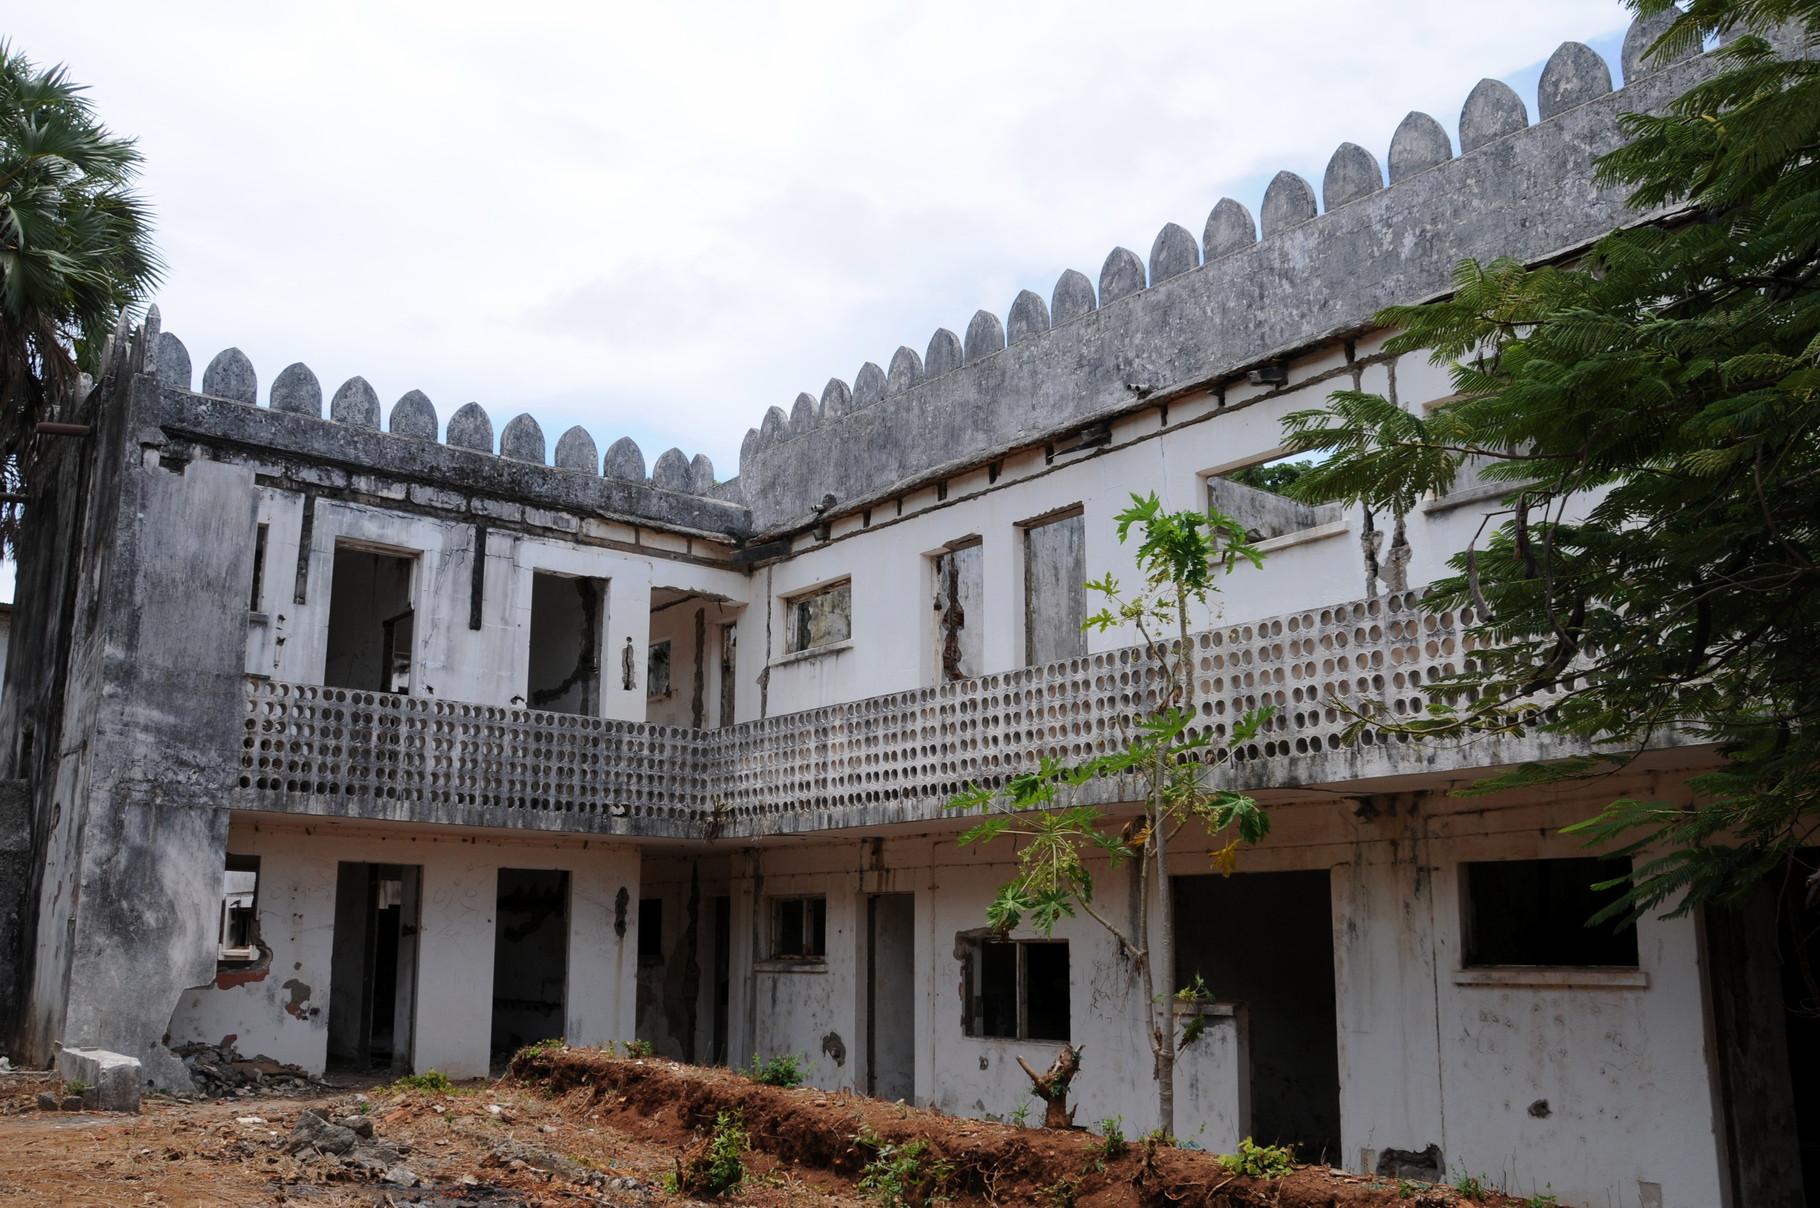 Sinbad Hotel - Malindi 2010